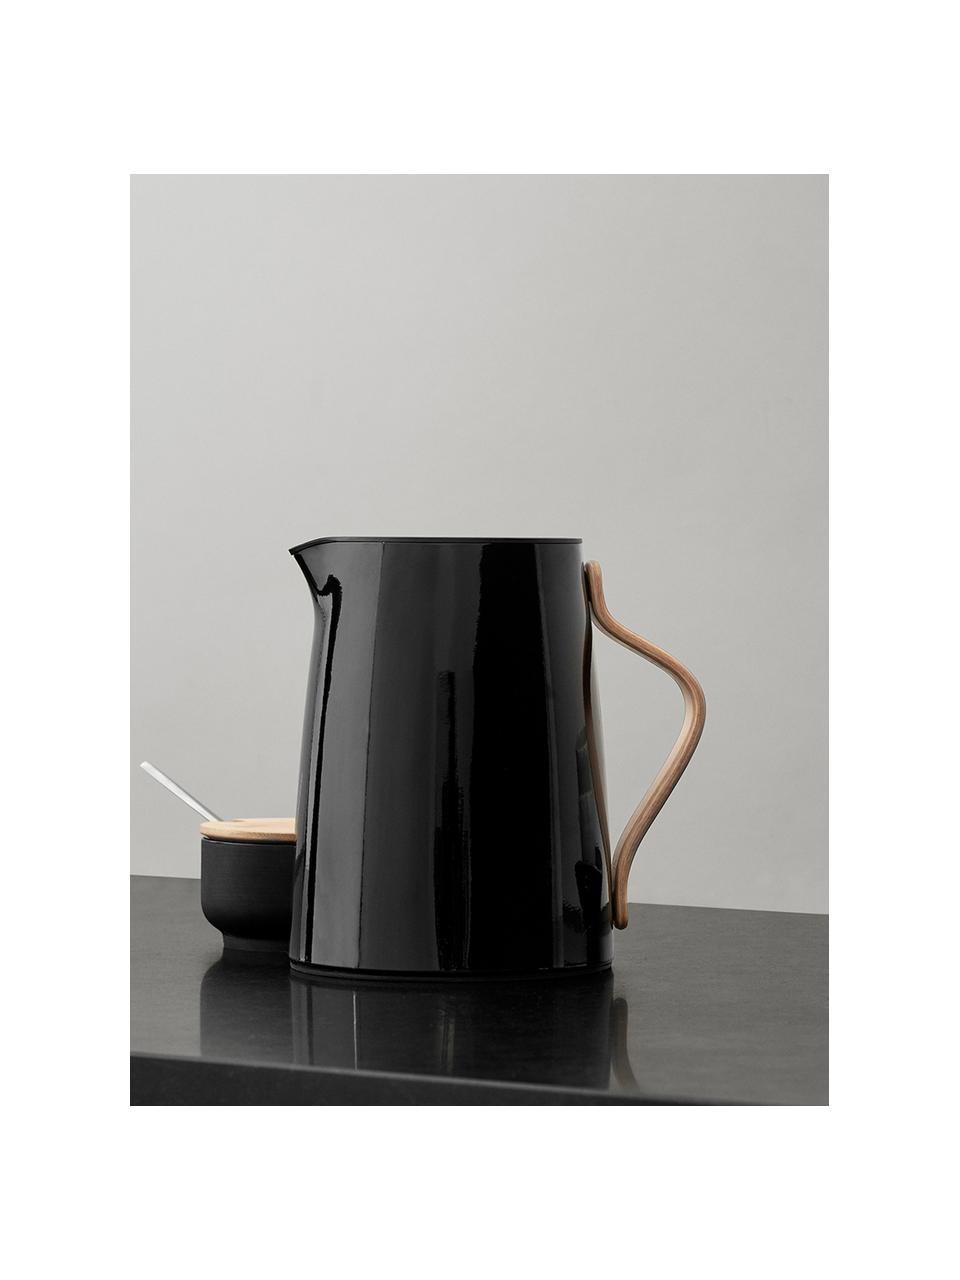 Theemaker Emma in glanzend zwart, 1 L, Frame: staal, Zwart, 1 L